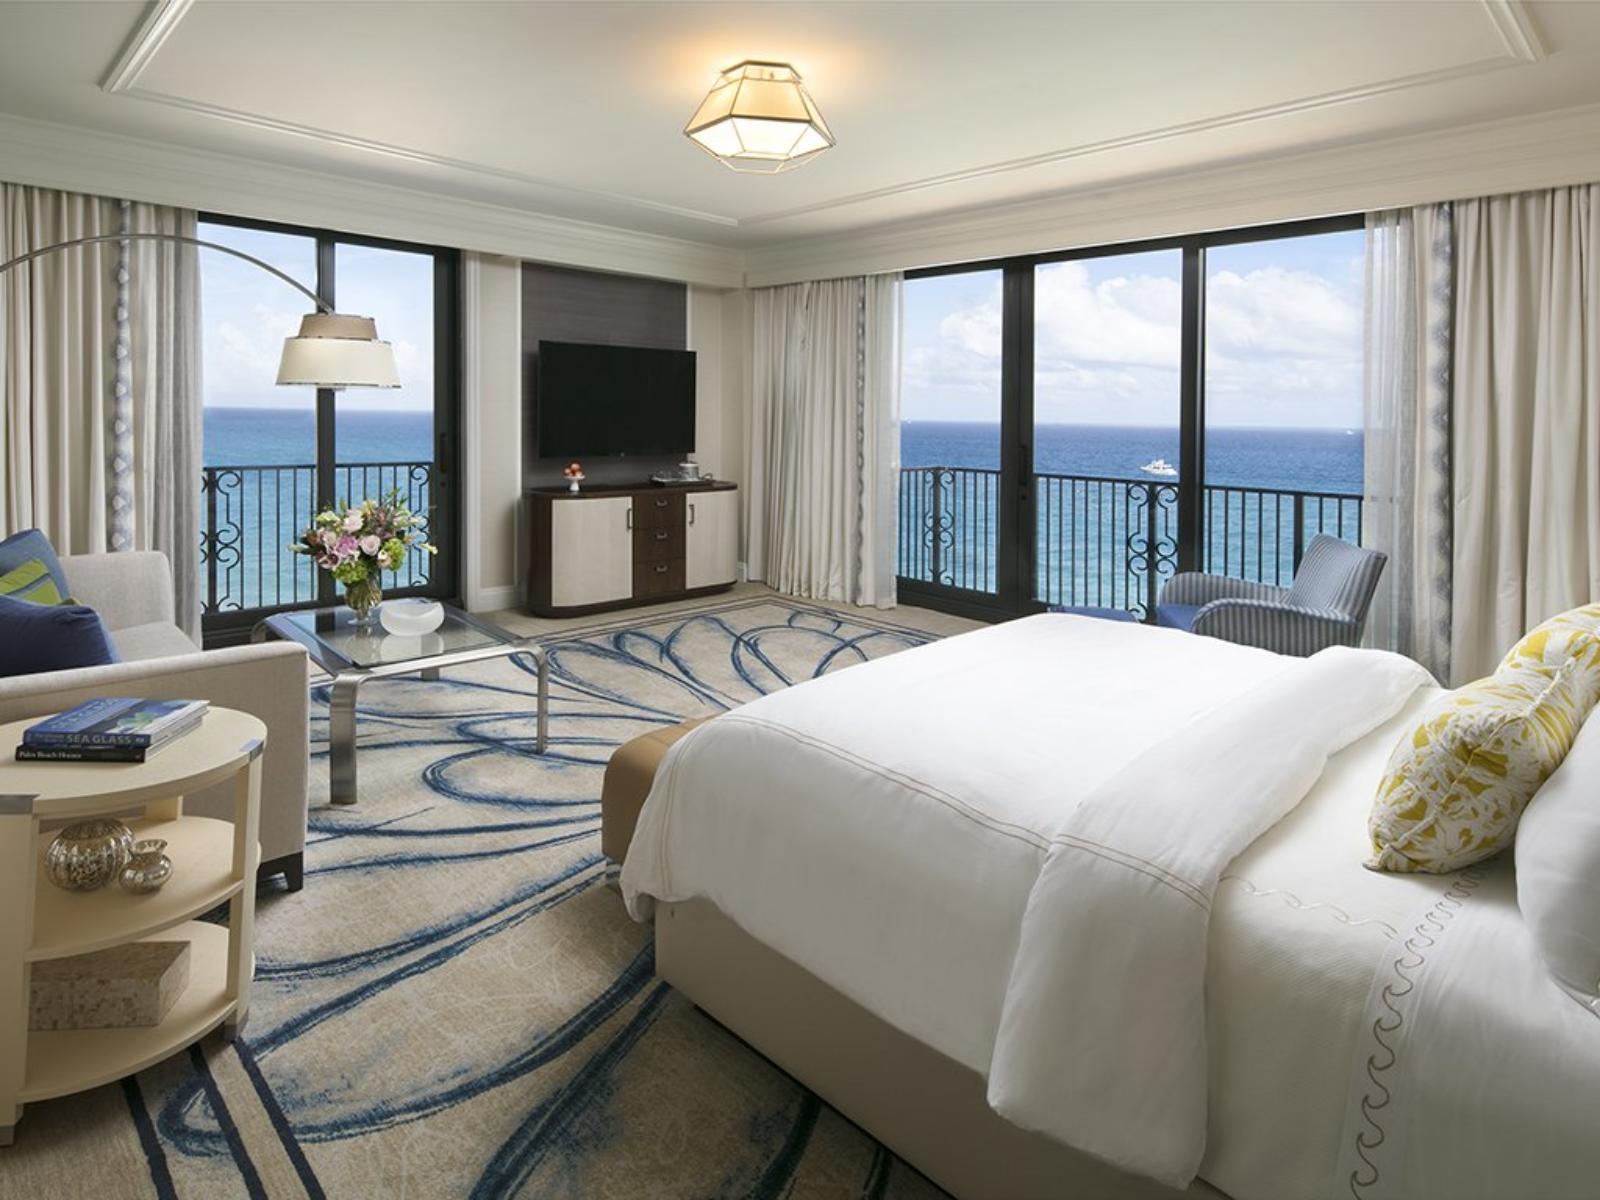 Elegant King Room with Ocean Views